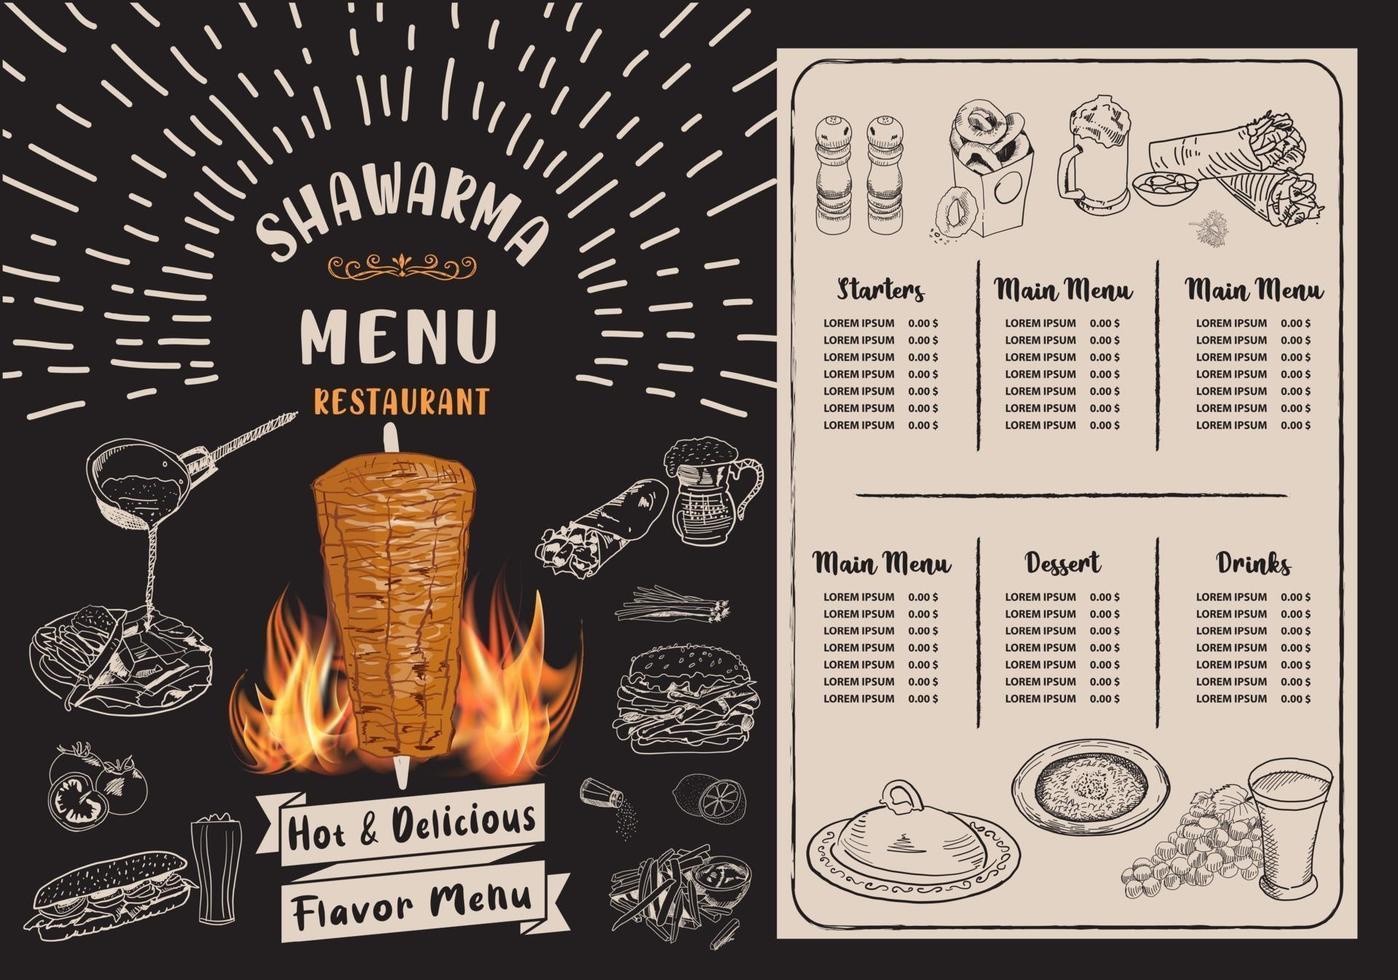 shawarma matlagning och ingredienser för kebab. vektor